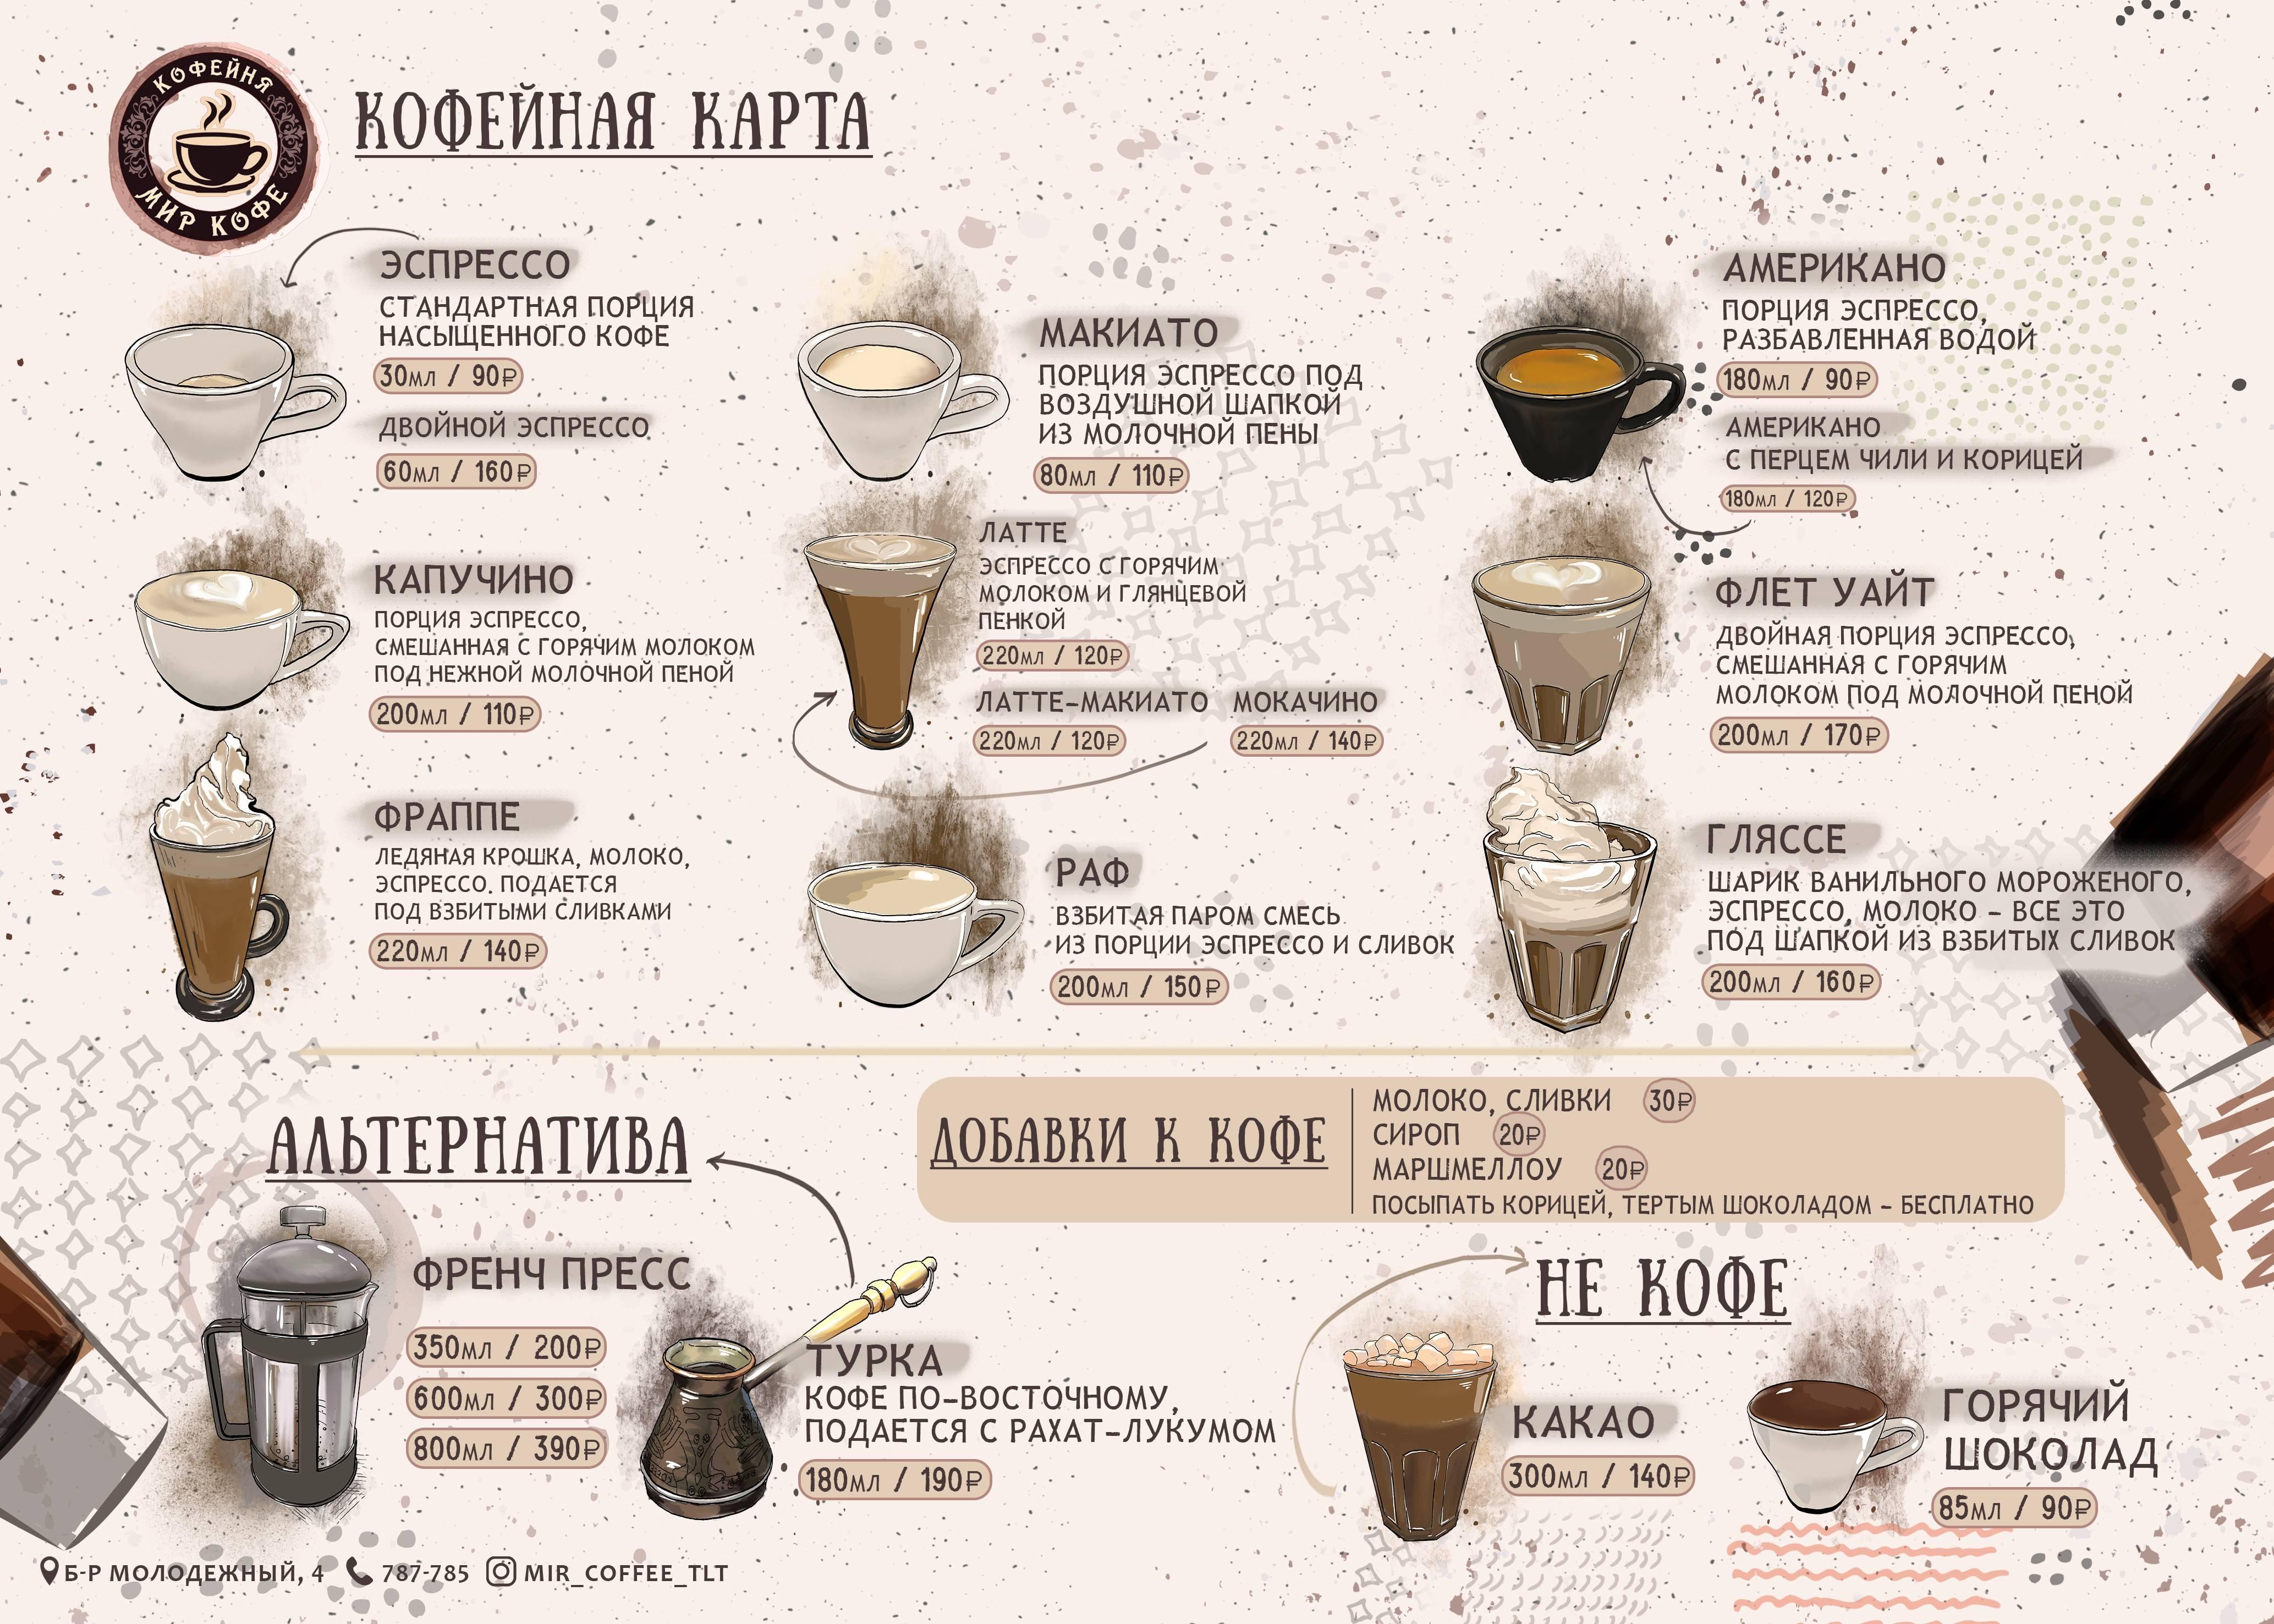 Кофе по-ирландски (айриш кофе) – рецепты приготовления